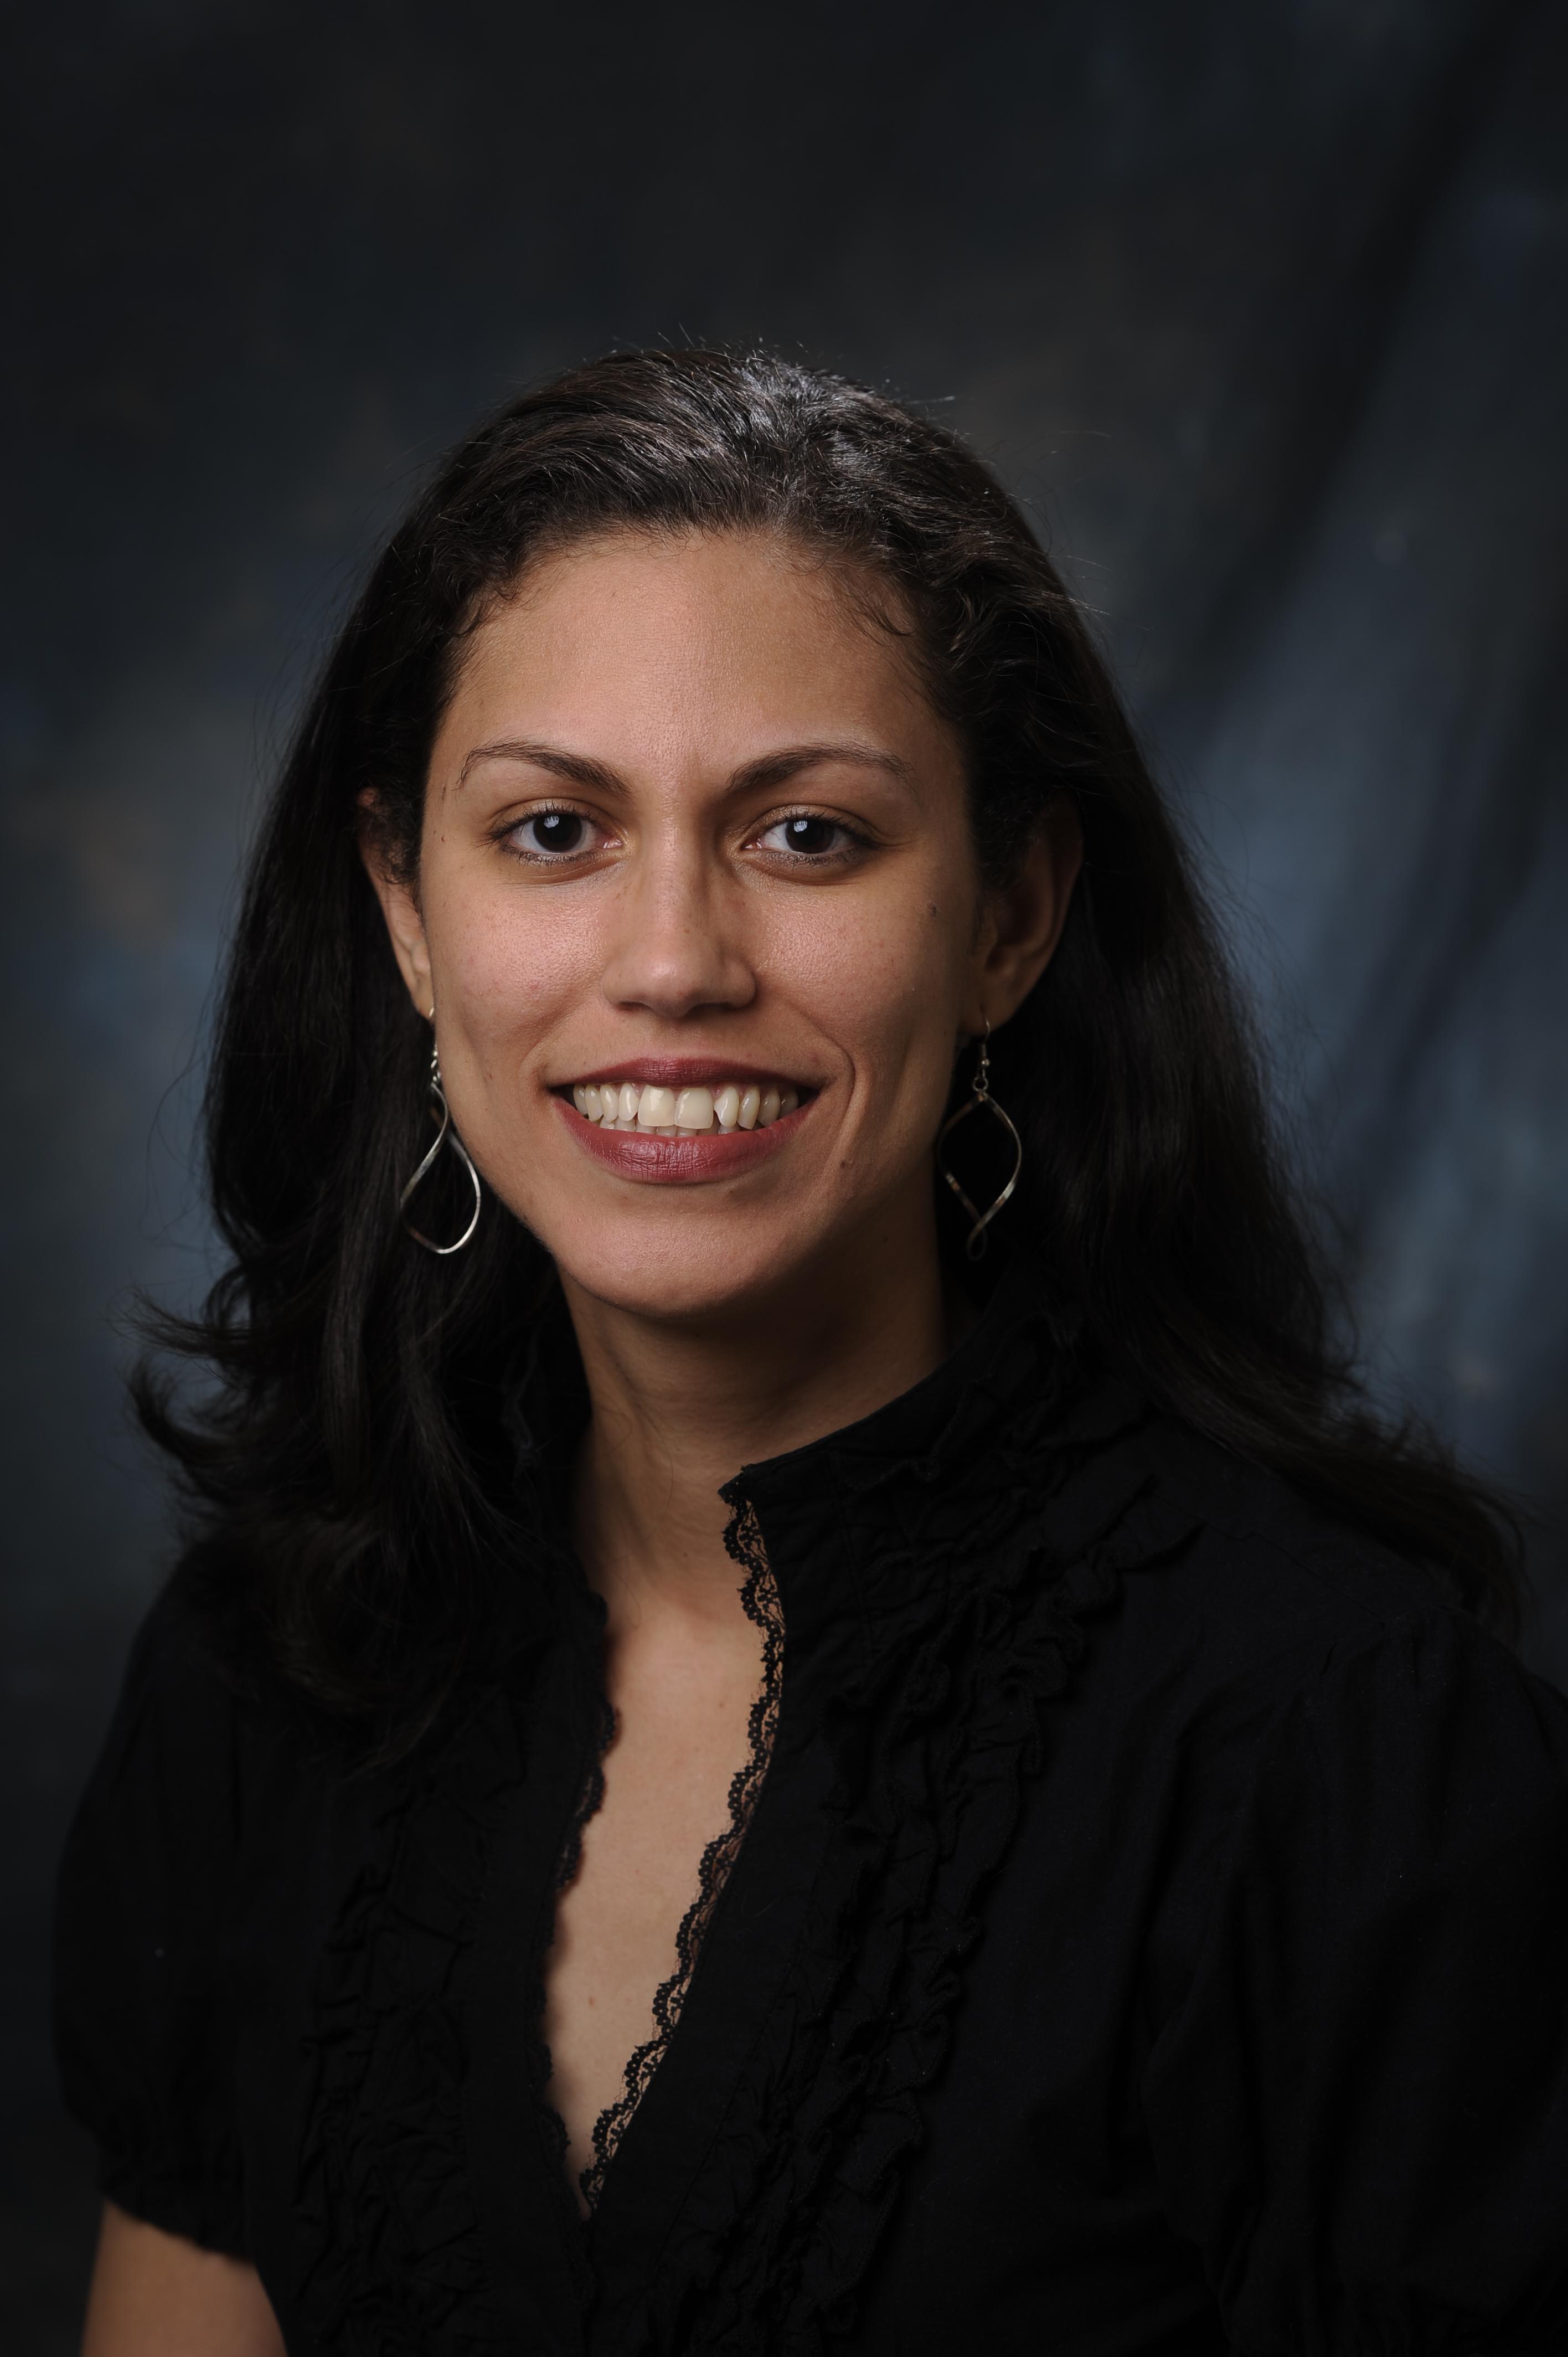 Dr. Navarro-Millán, a rheumatologist